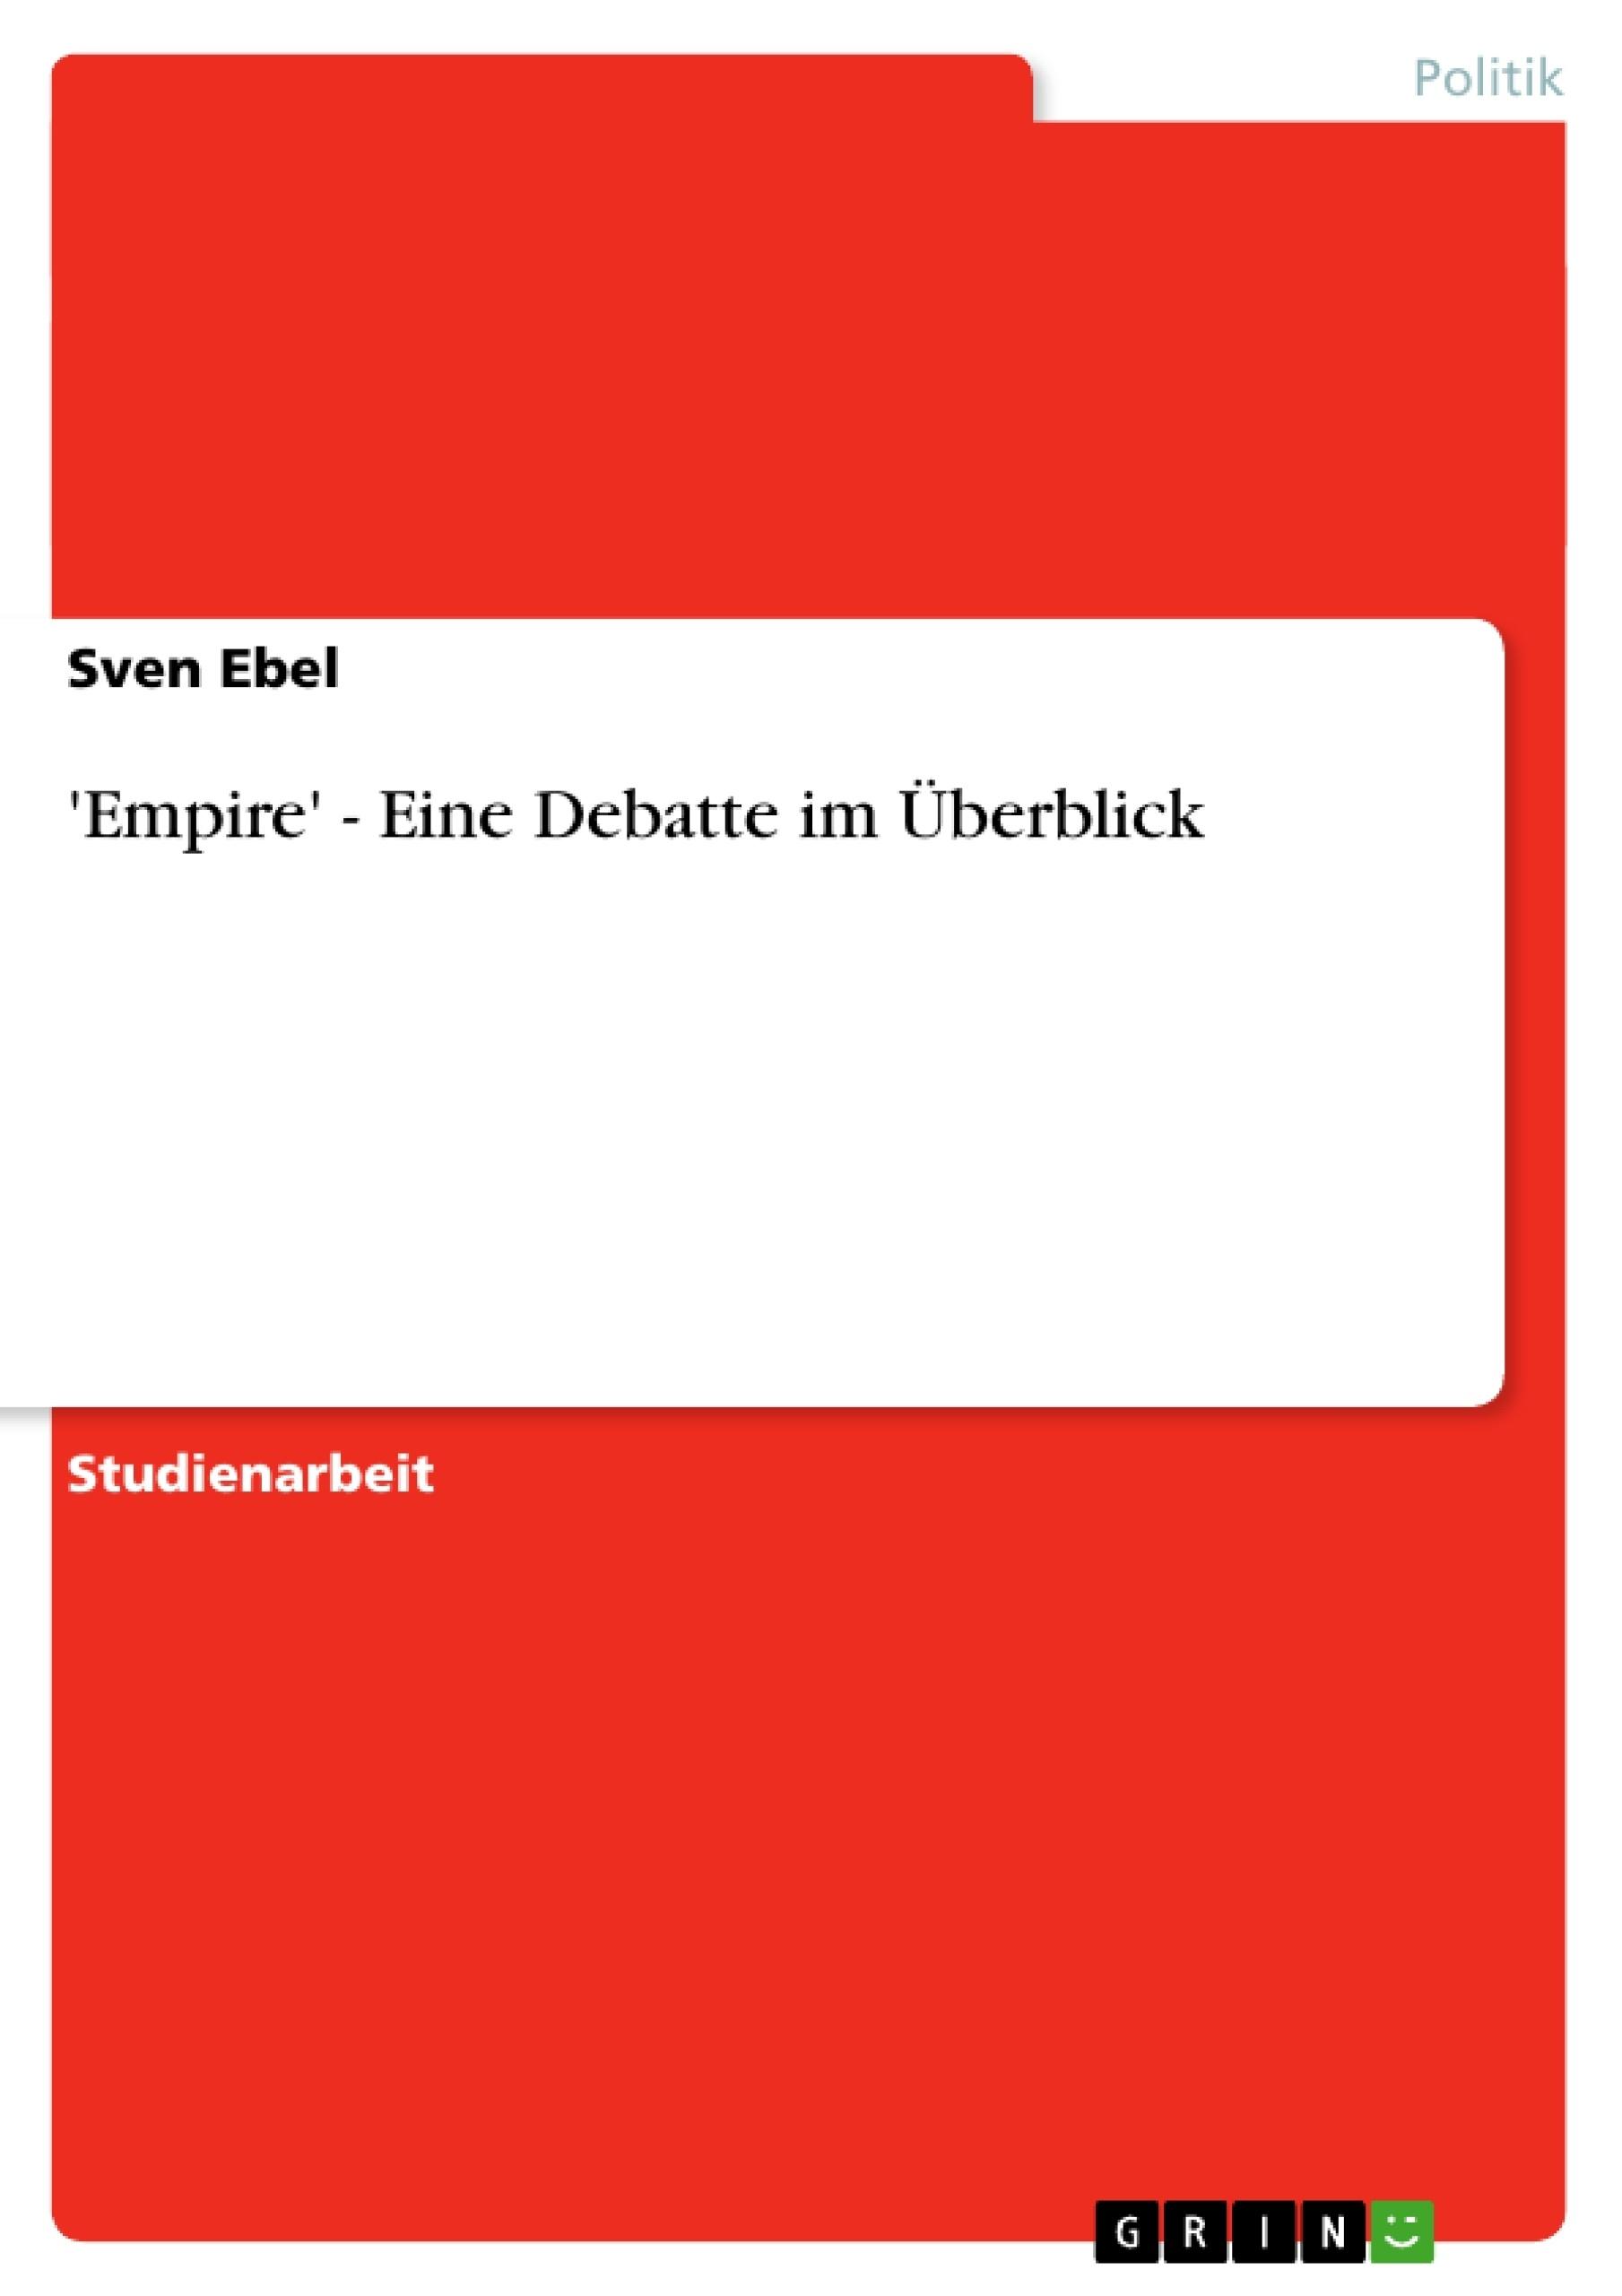 Titel: 'Empire' - Eine Debatte im Überblick